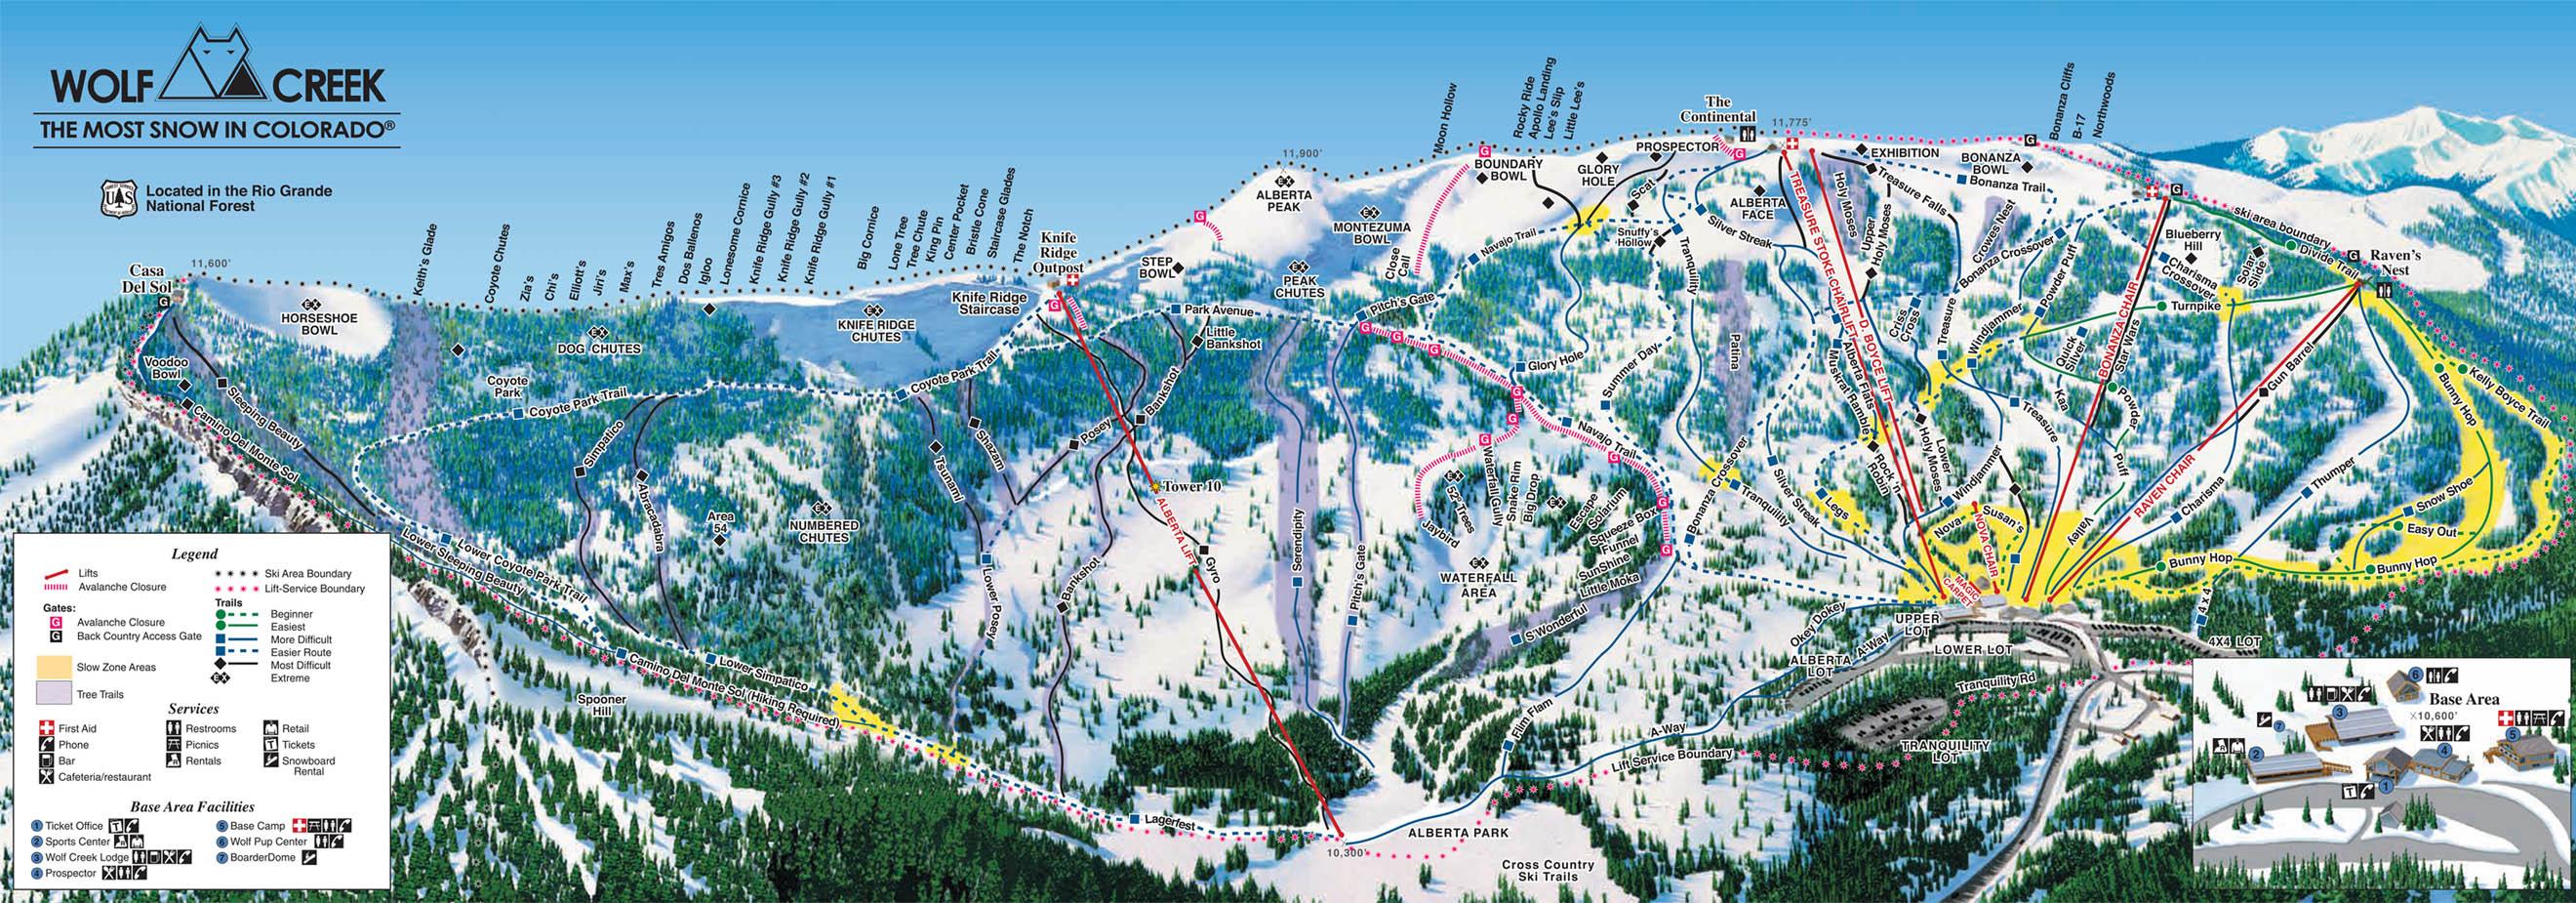 wolf creek ski resort   i love ski